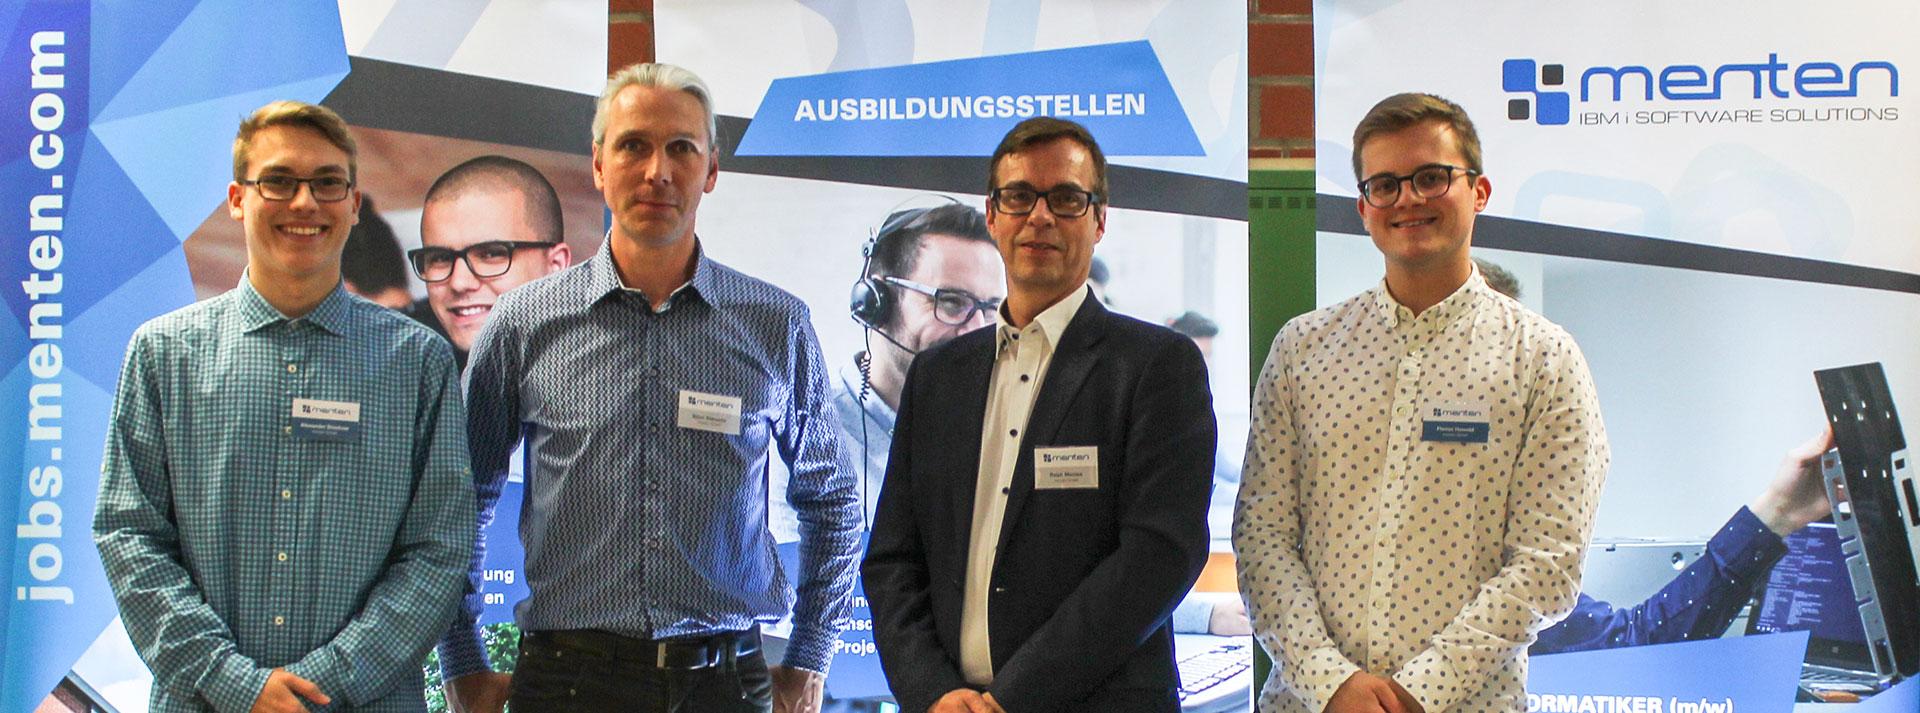 menten GmbH auf der Berufemesse 4Starters 2018